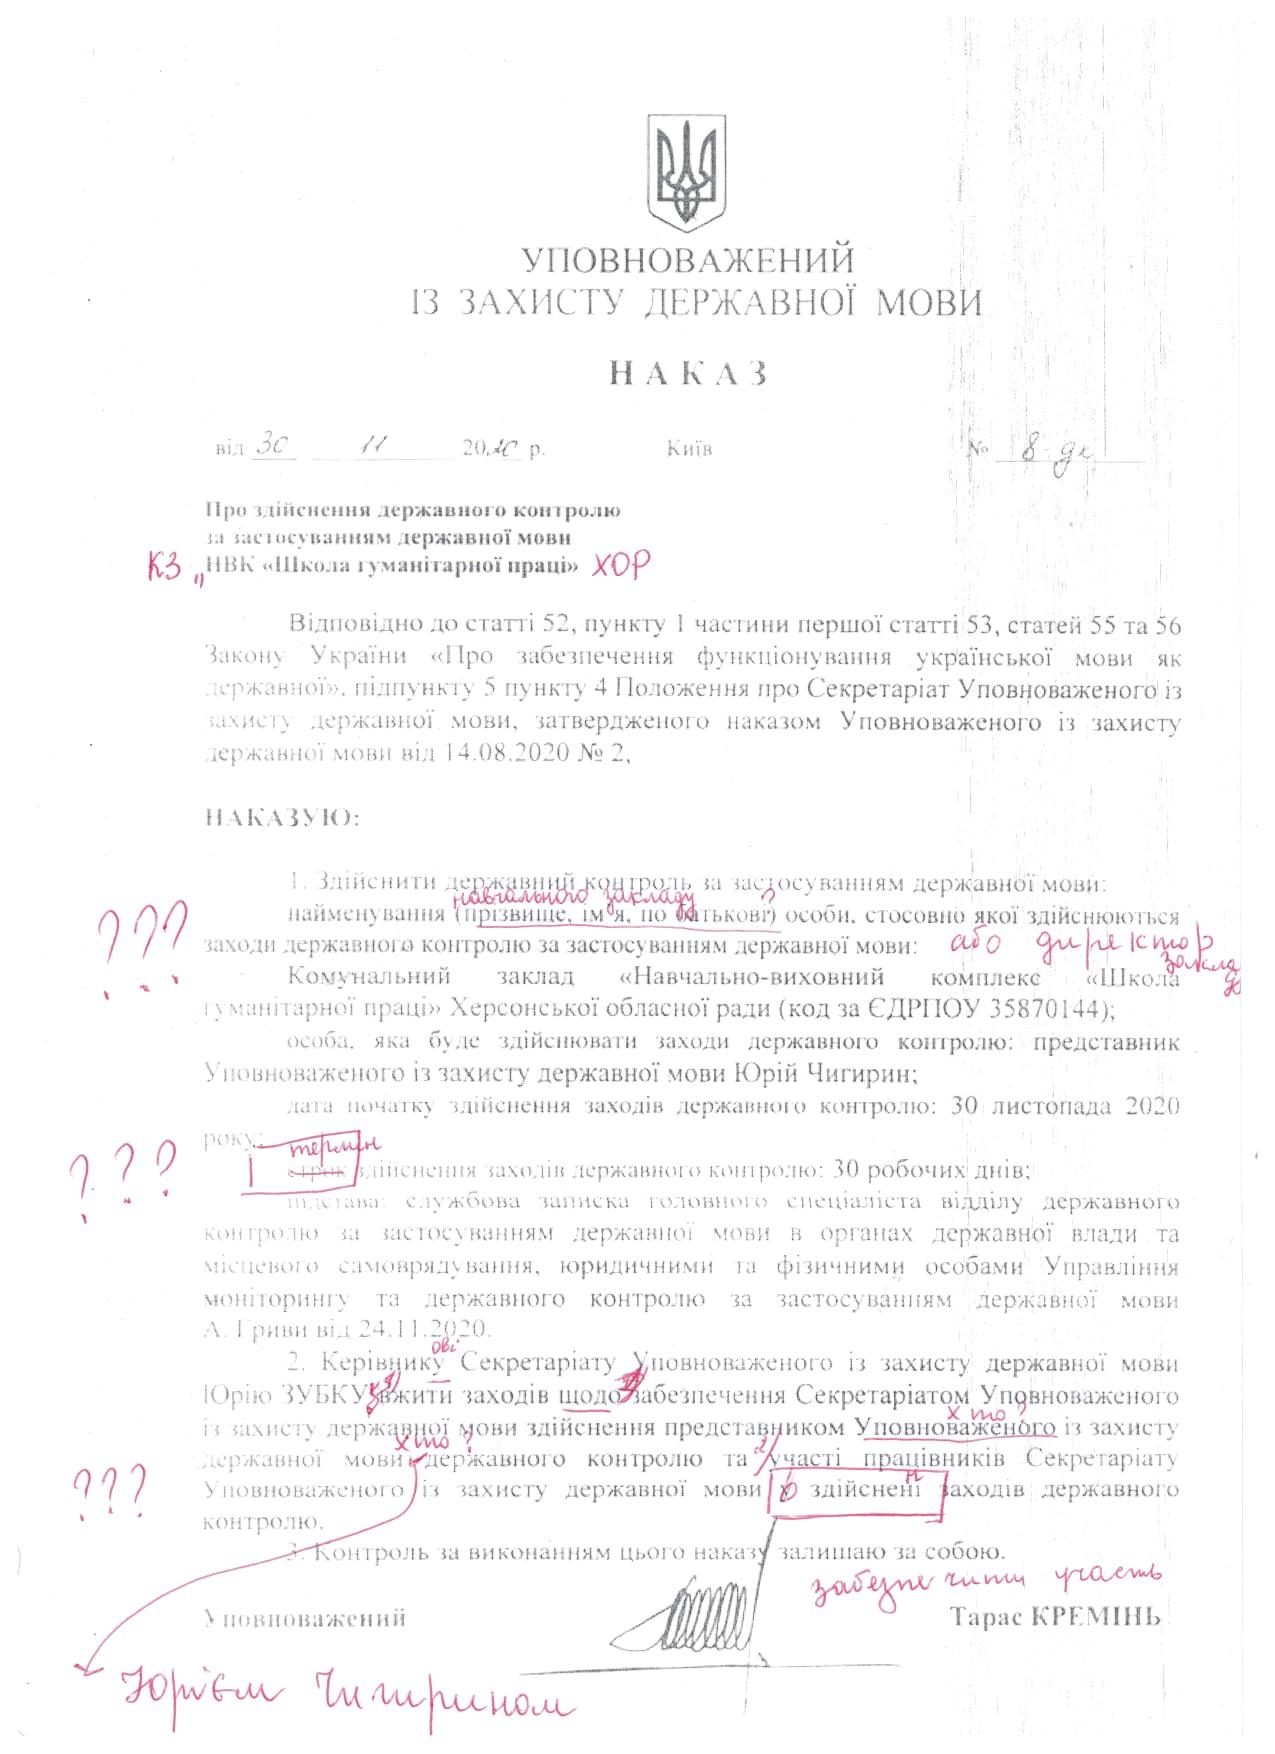 Травля за русский язык в Украине усугубляется: националисты каждый день ищут новую жертву фото 1